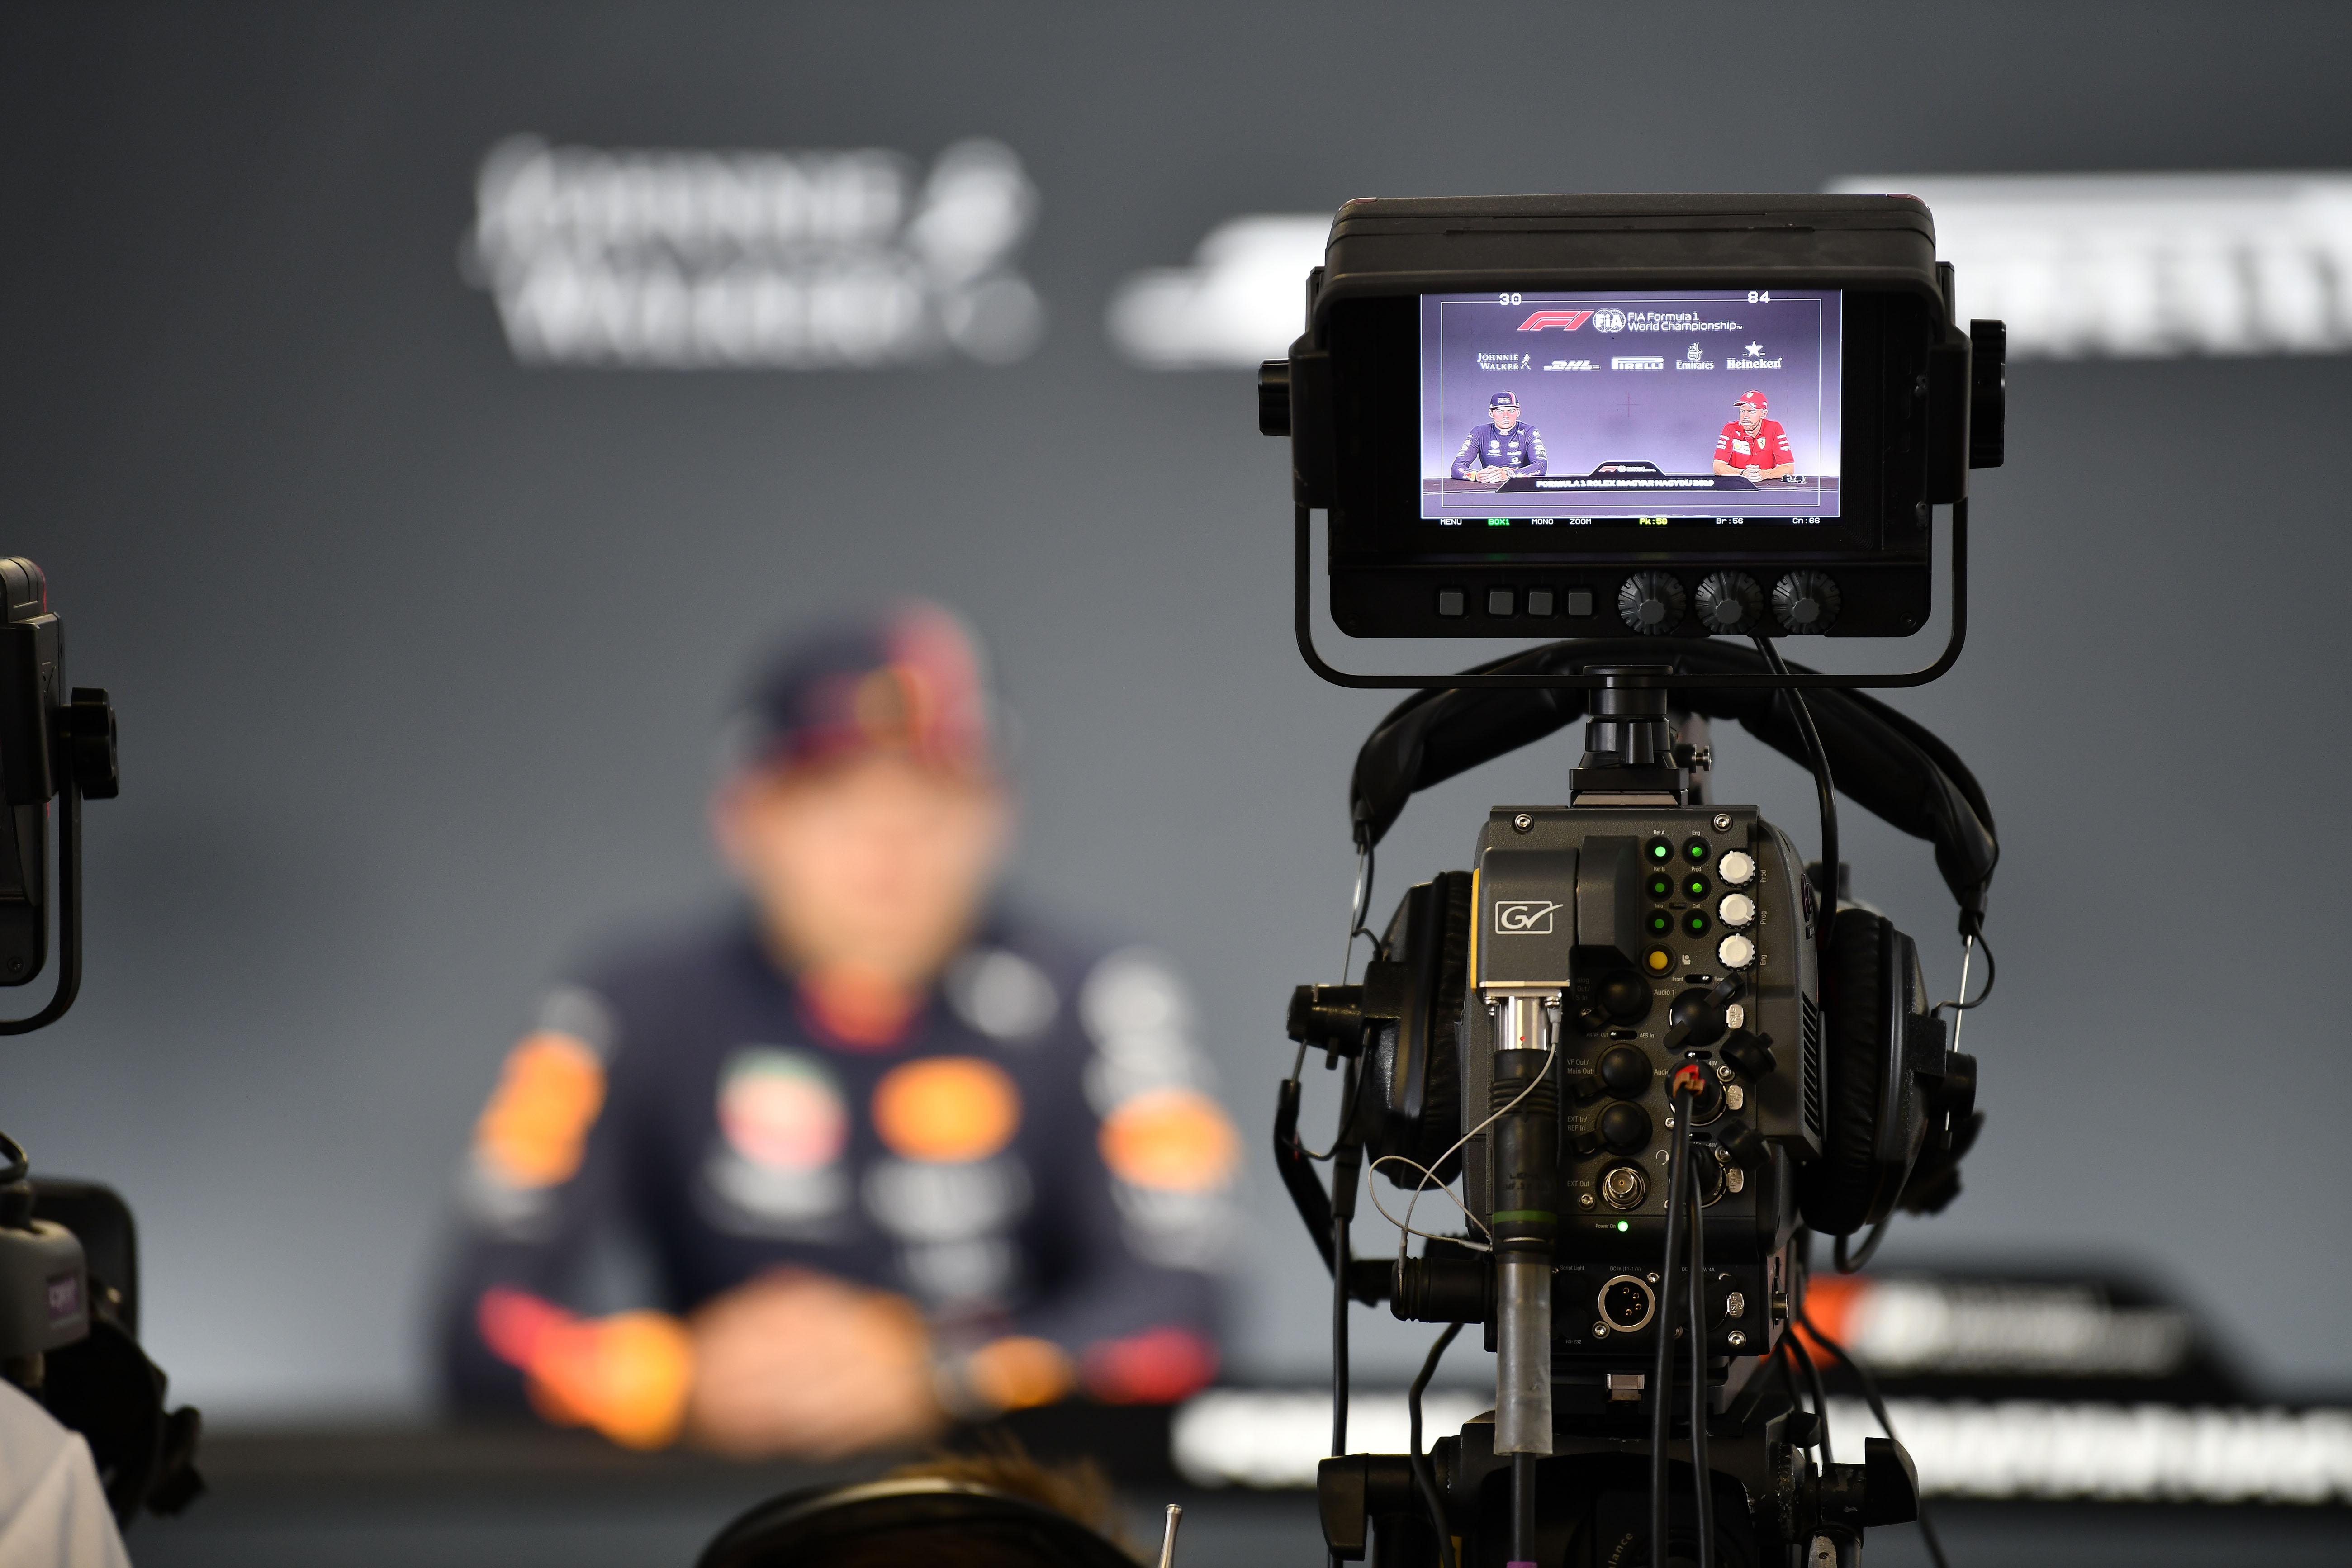 Újabb meghatározó támogatóját veszítette el az F1